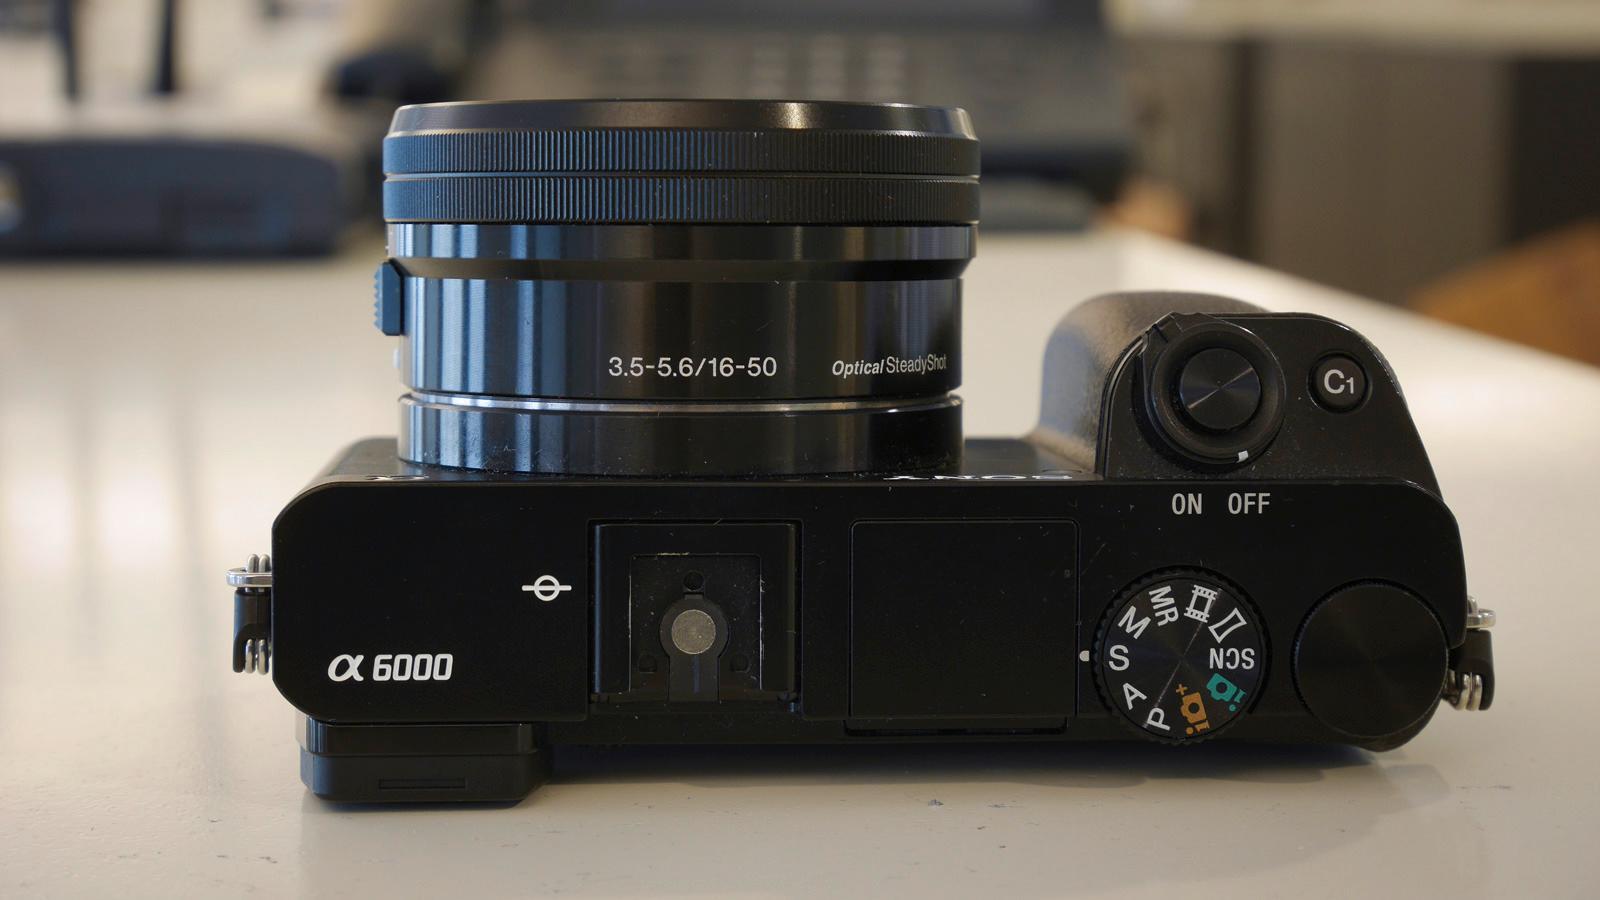 Kameraet har et relativt stort grep som ligger godt i undertegnedes mellomstore herrehender. Foto: Kristoffer Møllevik